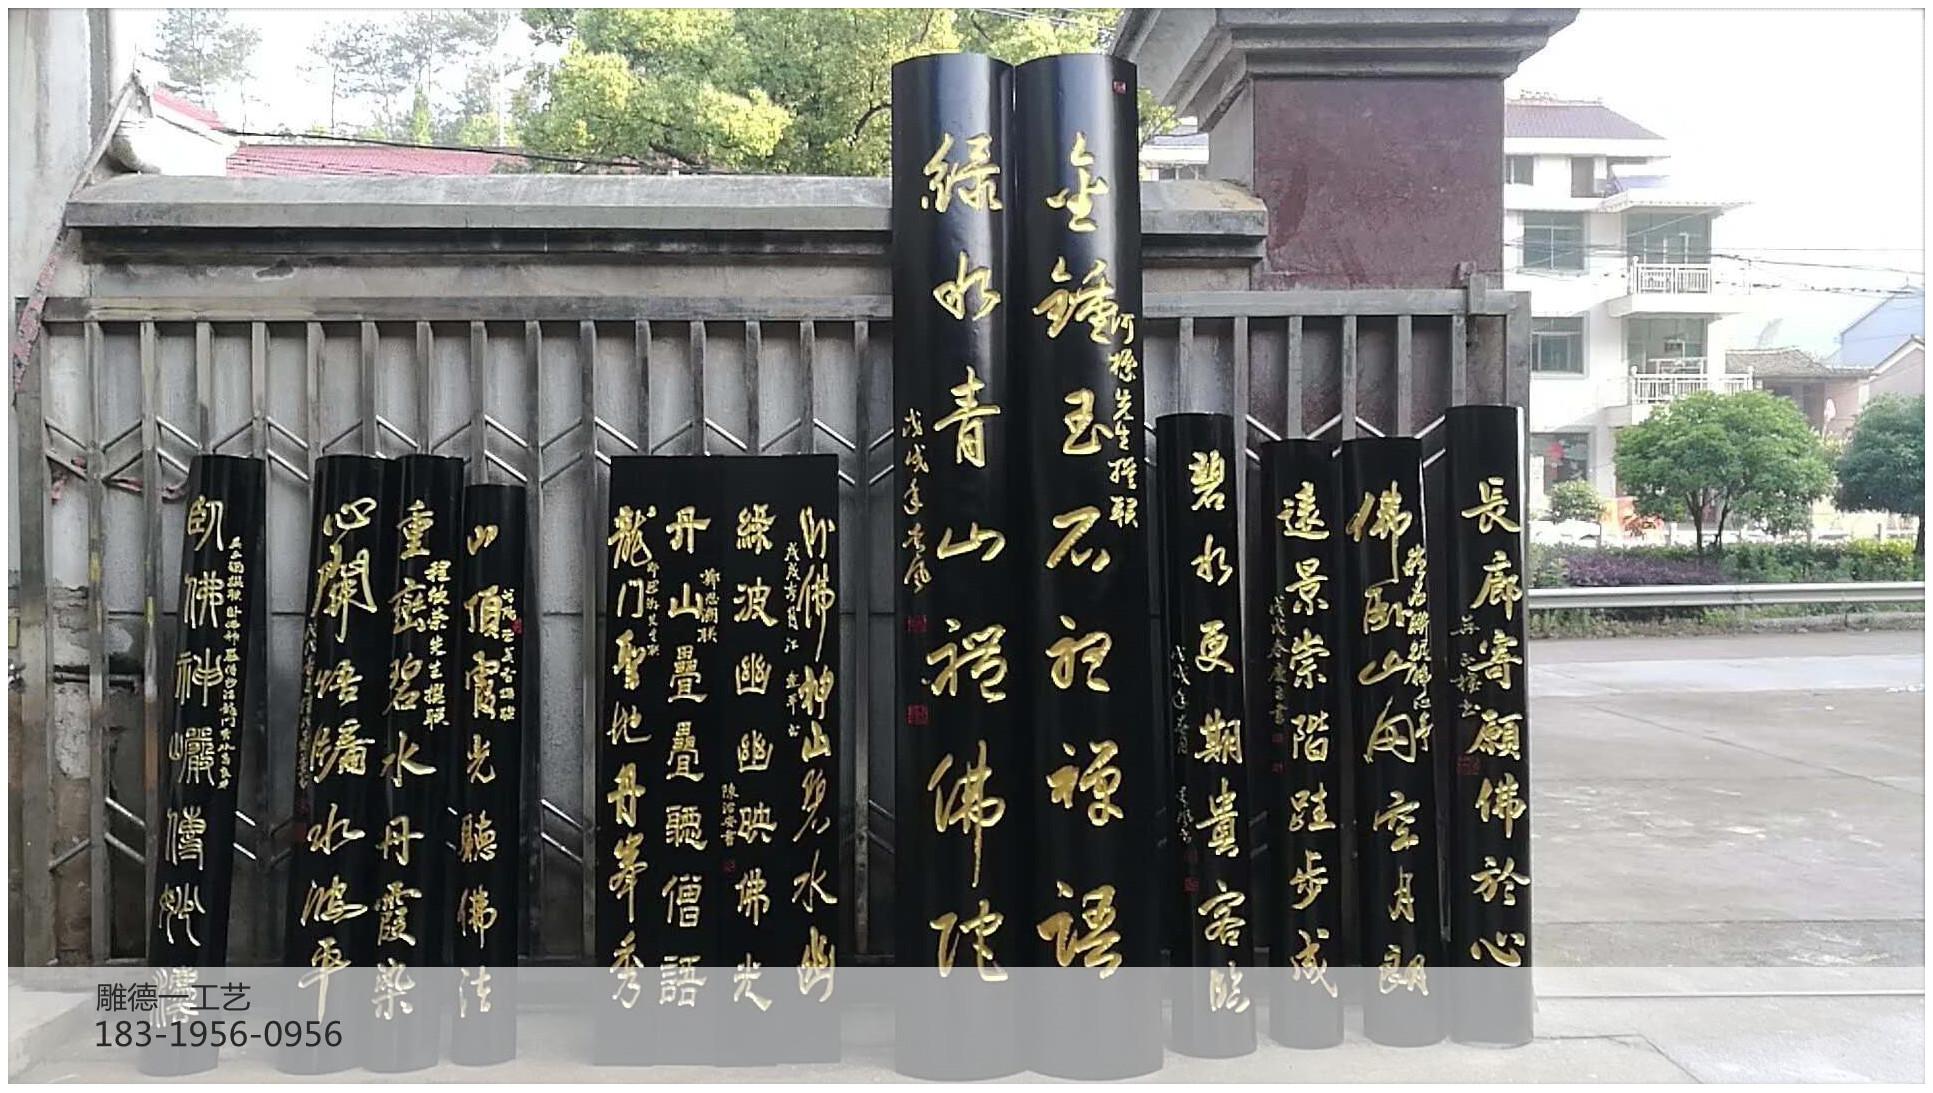 紫禁城牌匾(推荐资讯)广州牌匾雕刻制作价格